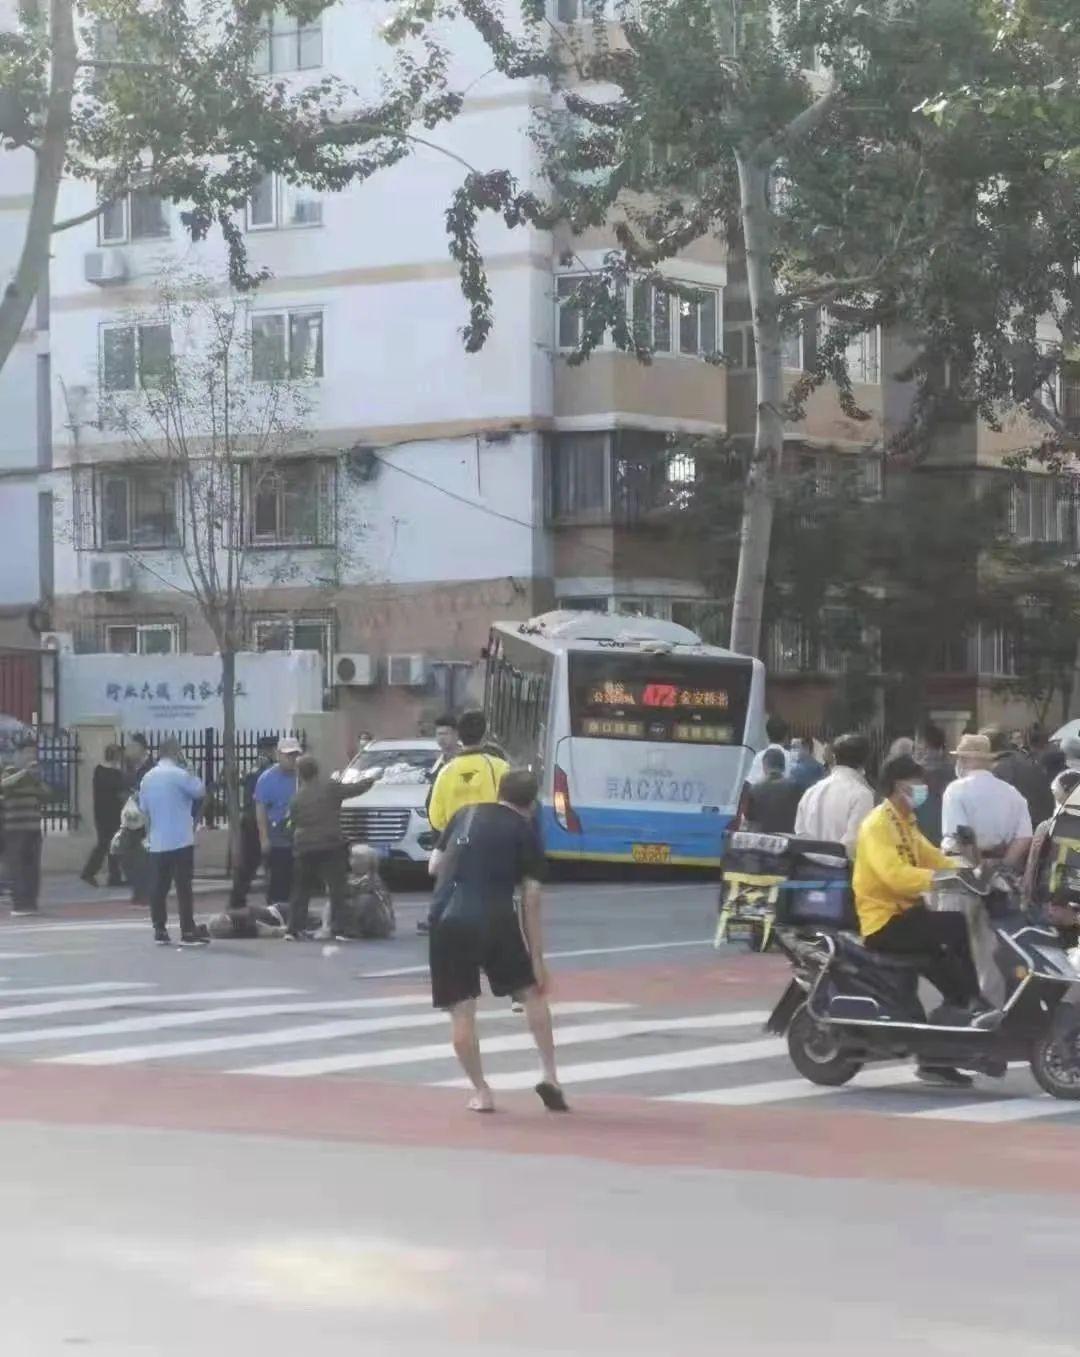 北京石景山一公交车发生交通事故 致1死4伤